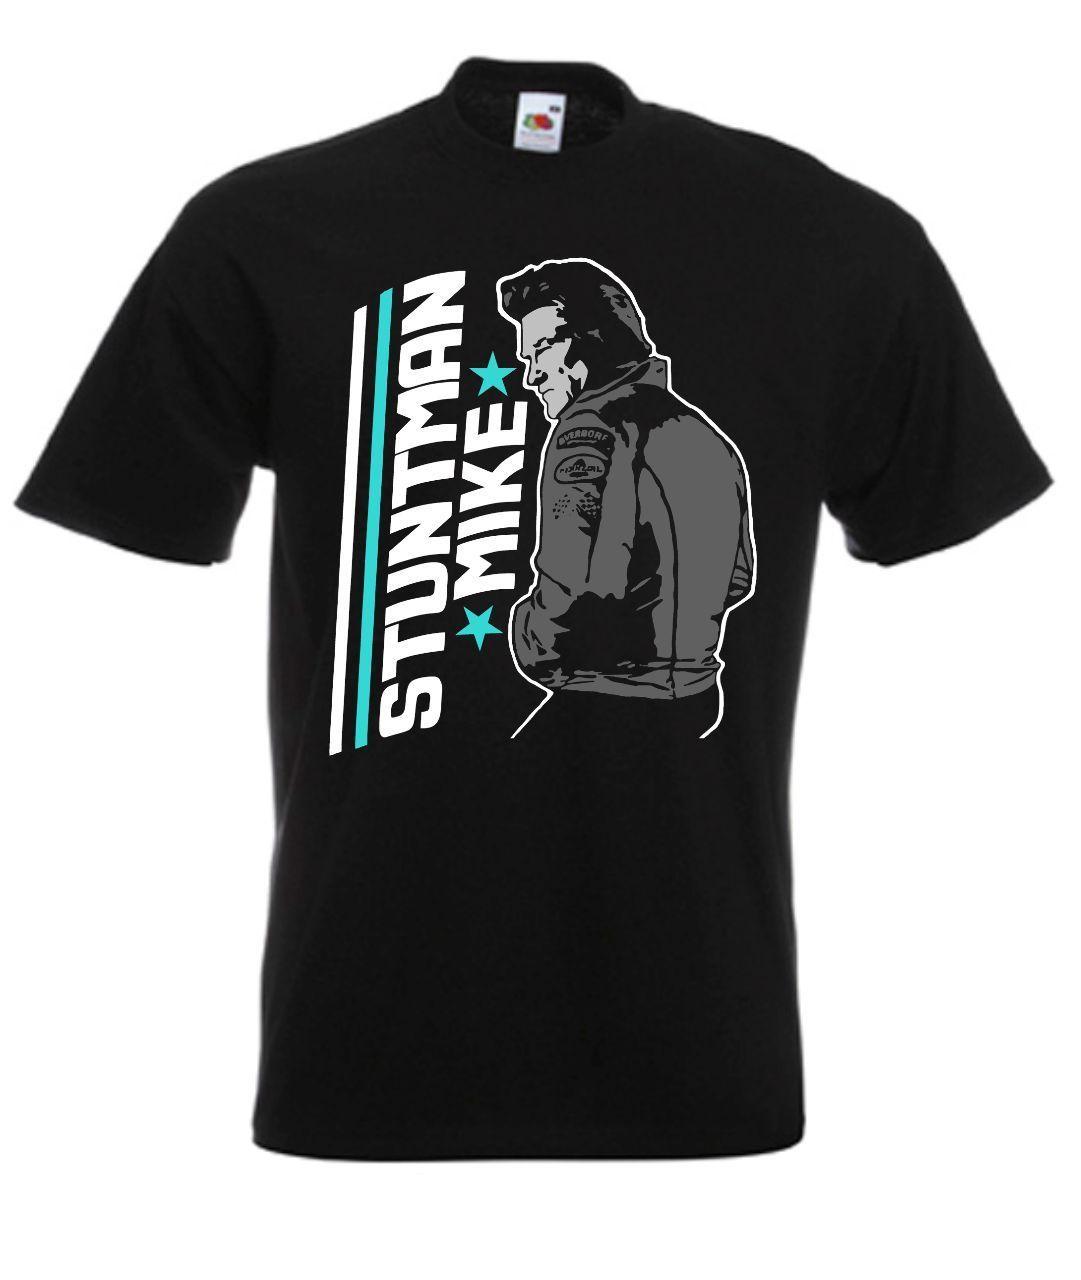 stuntman-mike-deathproof-font-b-tarantino-b-font-movie-t-shirt